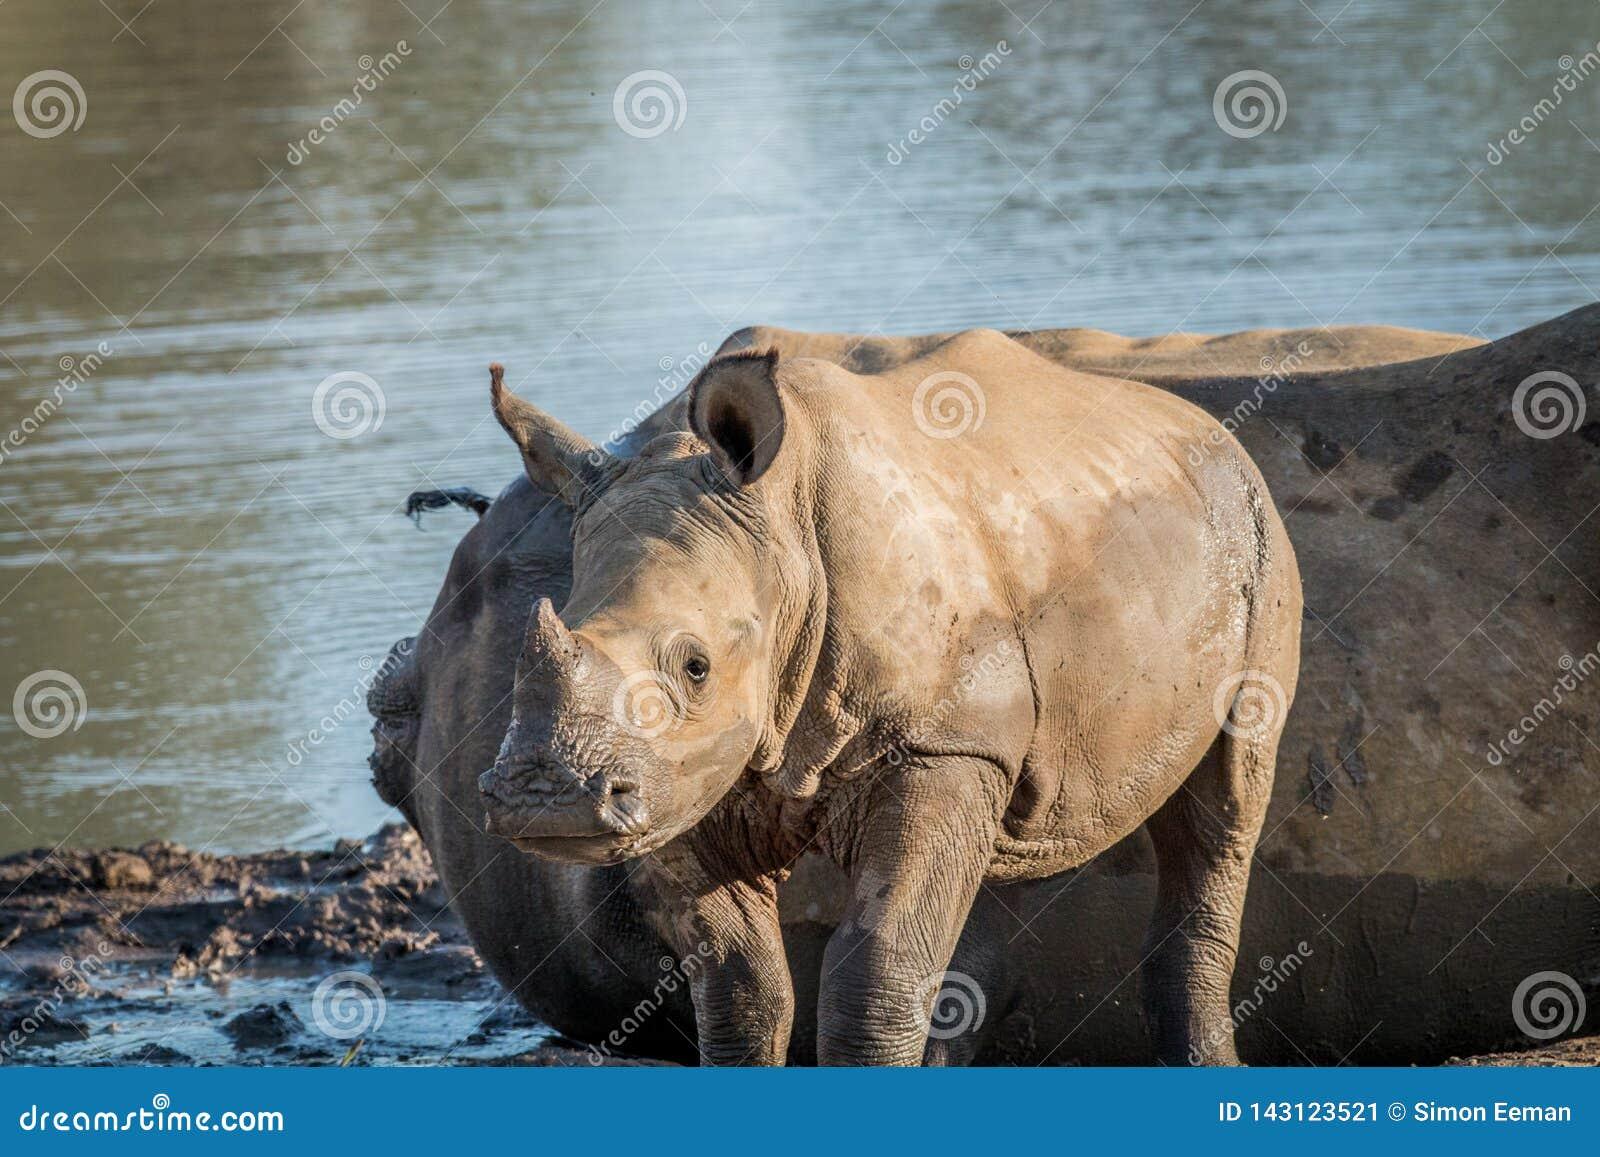 Baby White rhino calf starring at the camera